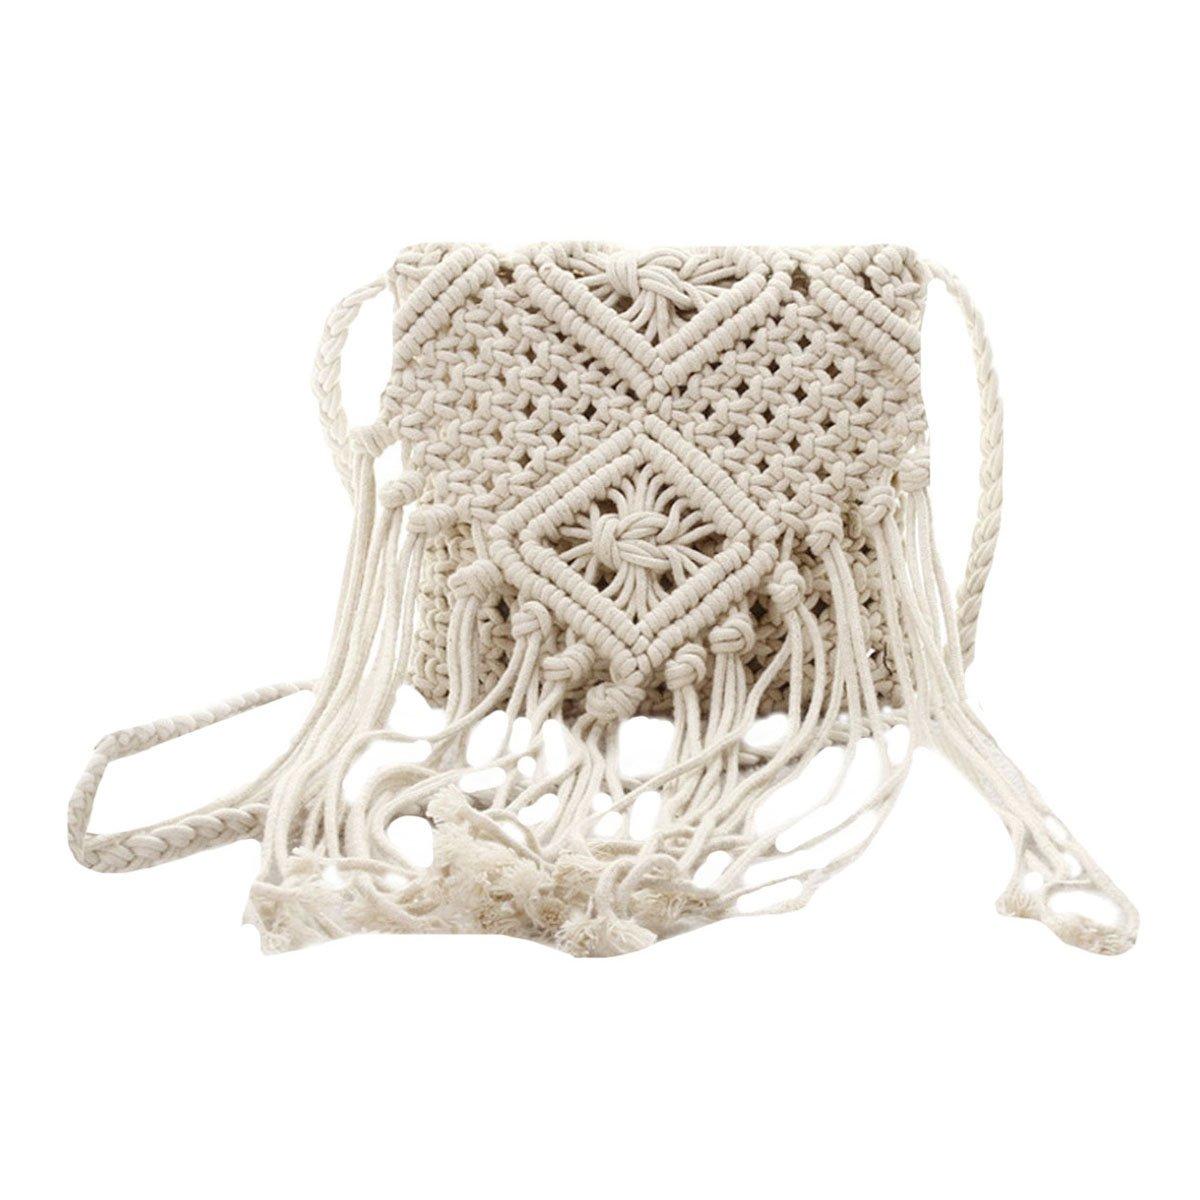 Monique Girls Women Fringed Crochet Cotton Cross-body Bag Satchel Bohemian Tassel Handbag Summer Beach Sling Bag Shoulder Bag White